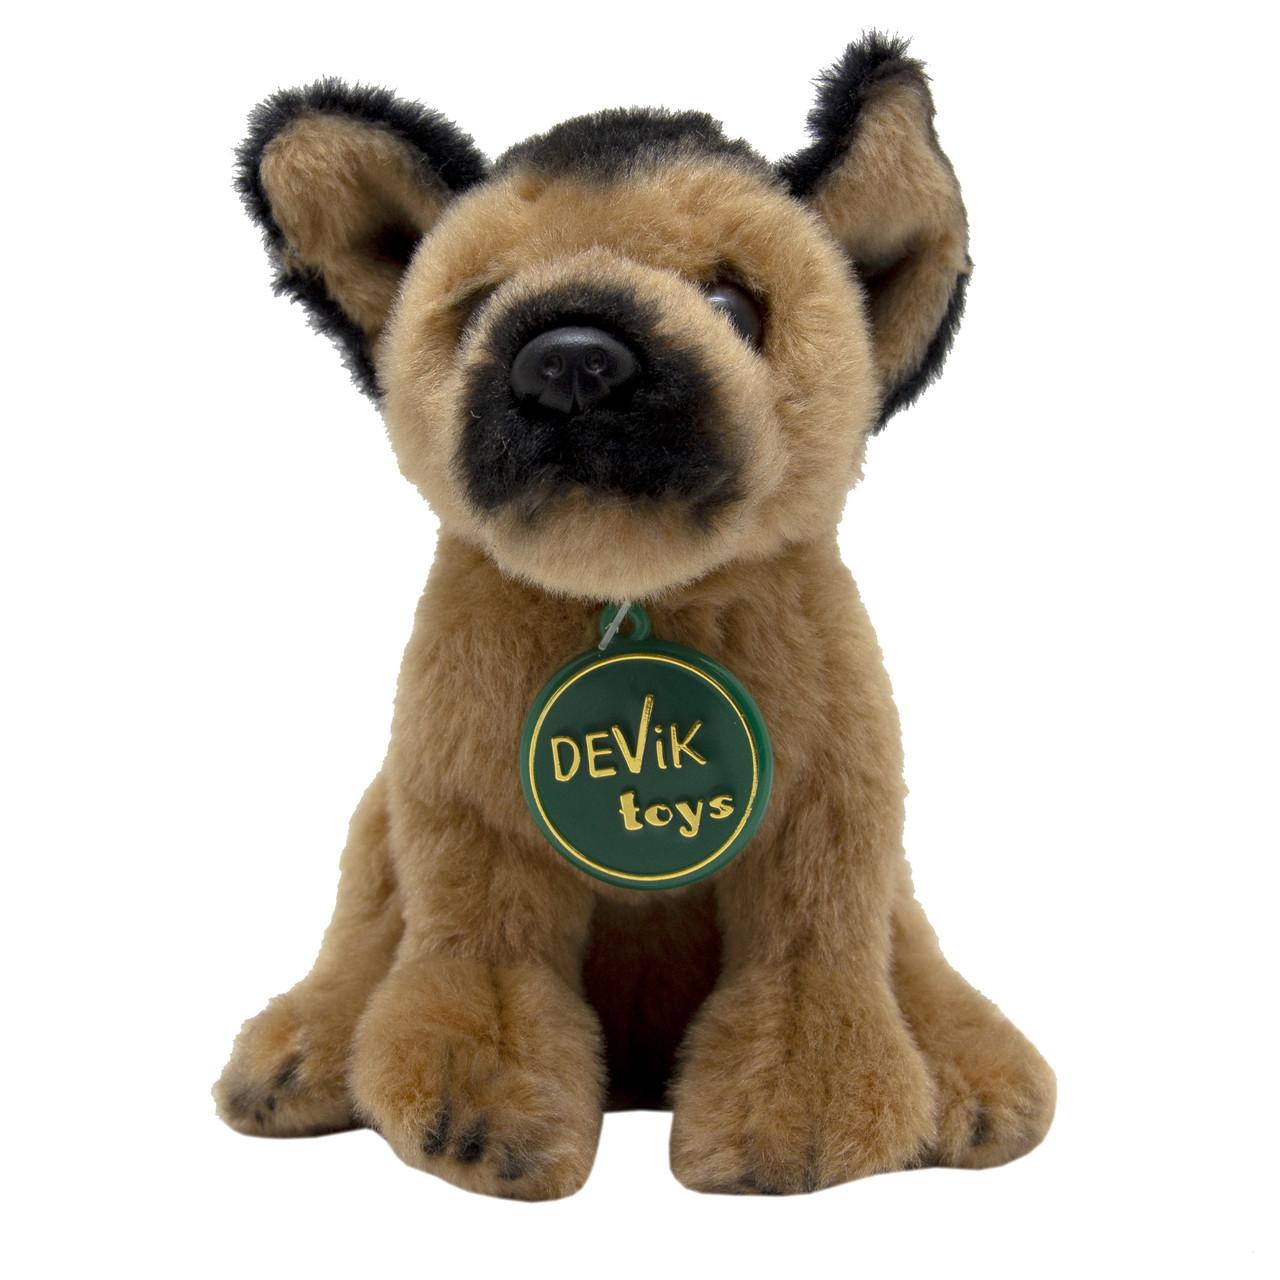 Мягкая игрушка - собачка Немецкая овчарка, 16 см, коричневый, полиэстер (JD-2744(PA))